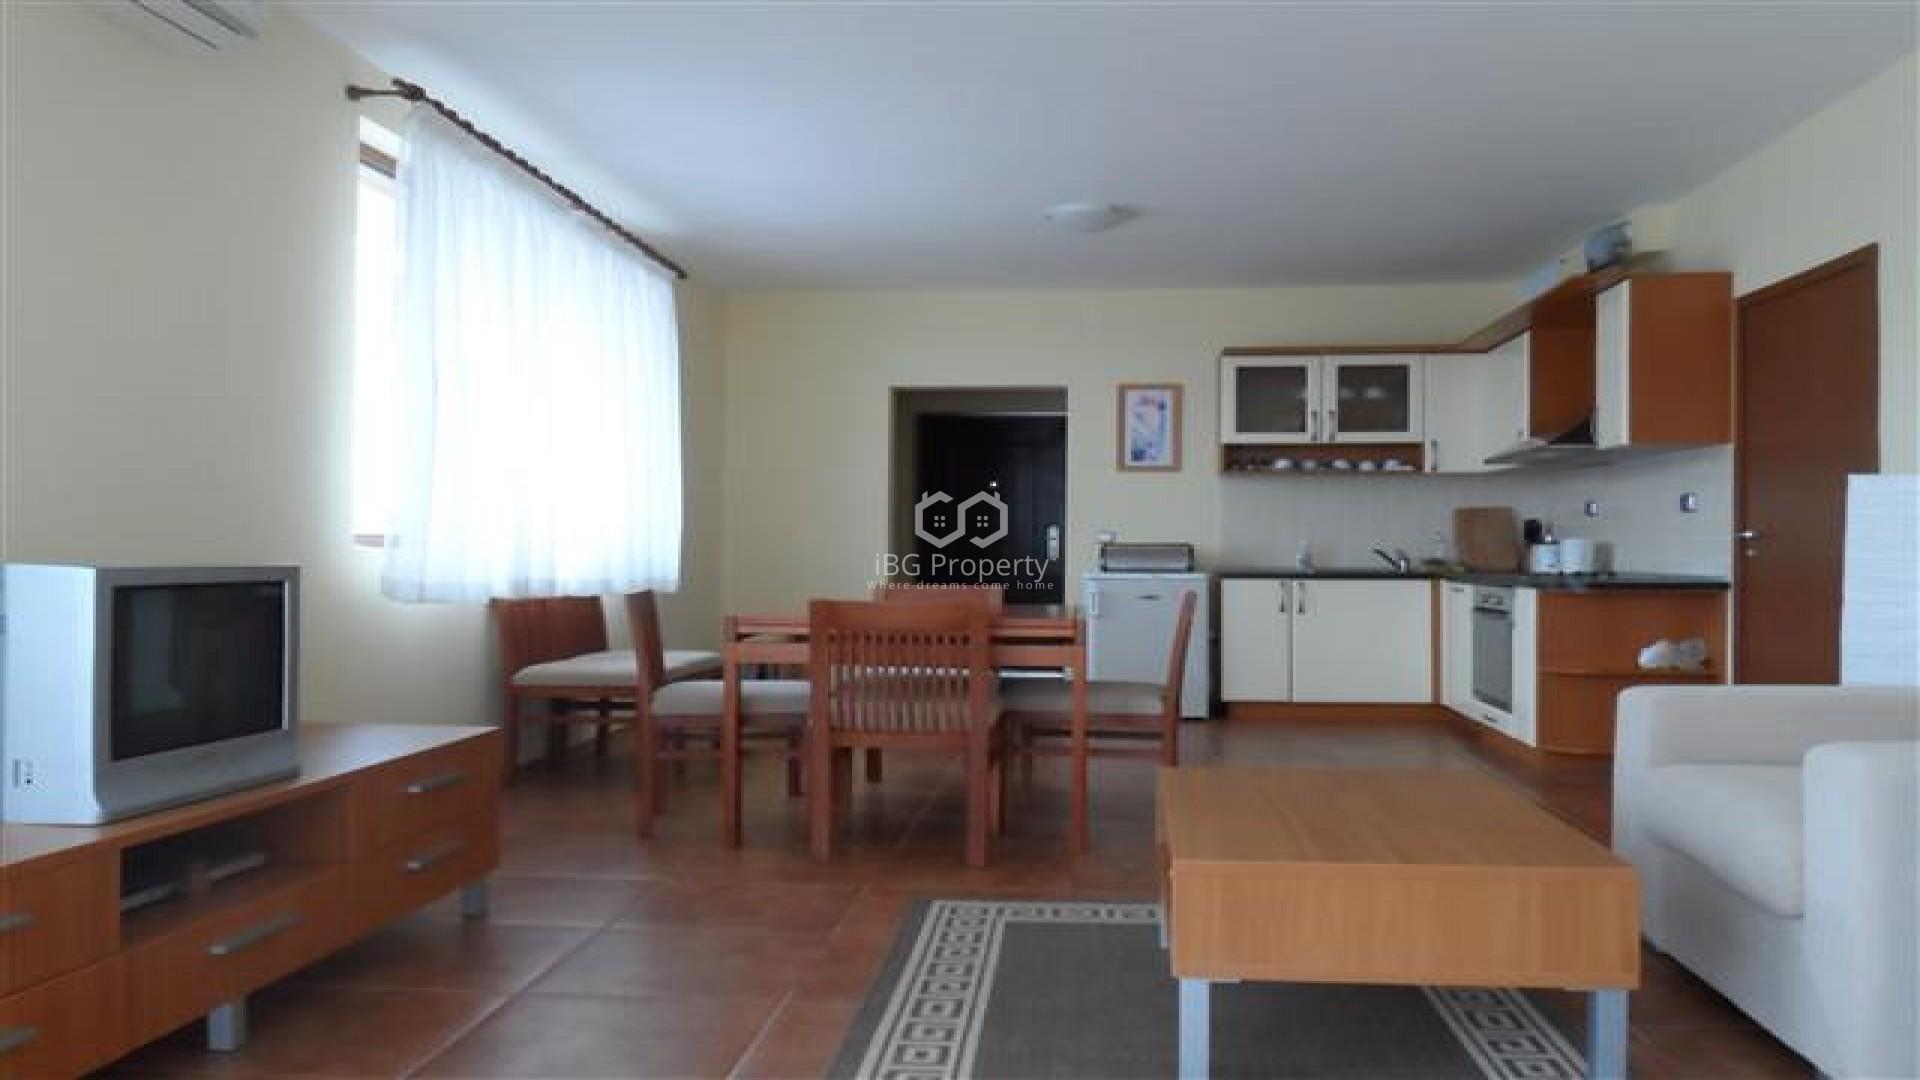 Трехкомнатная квартира Бяла 108 m2